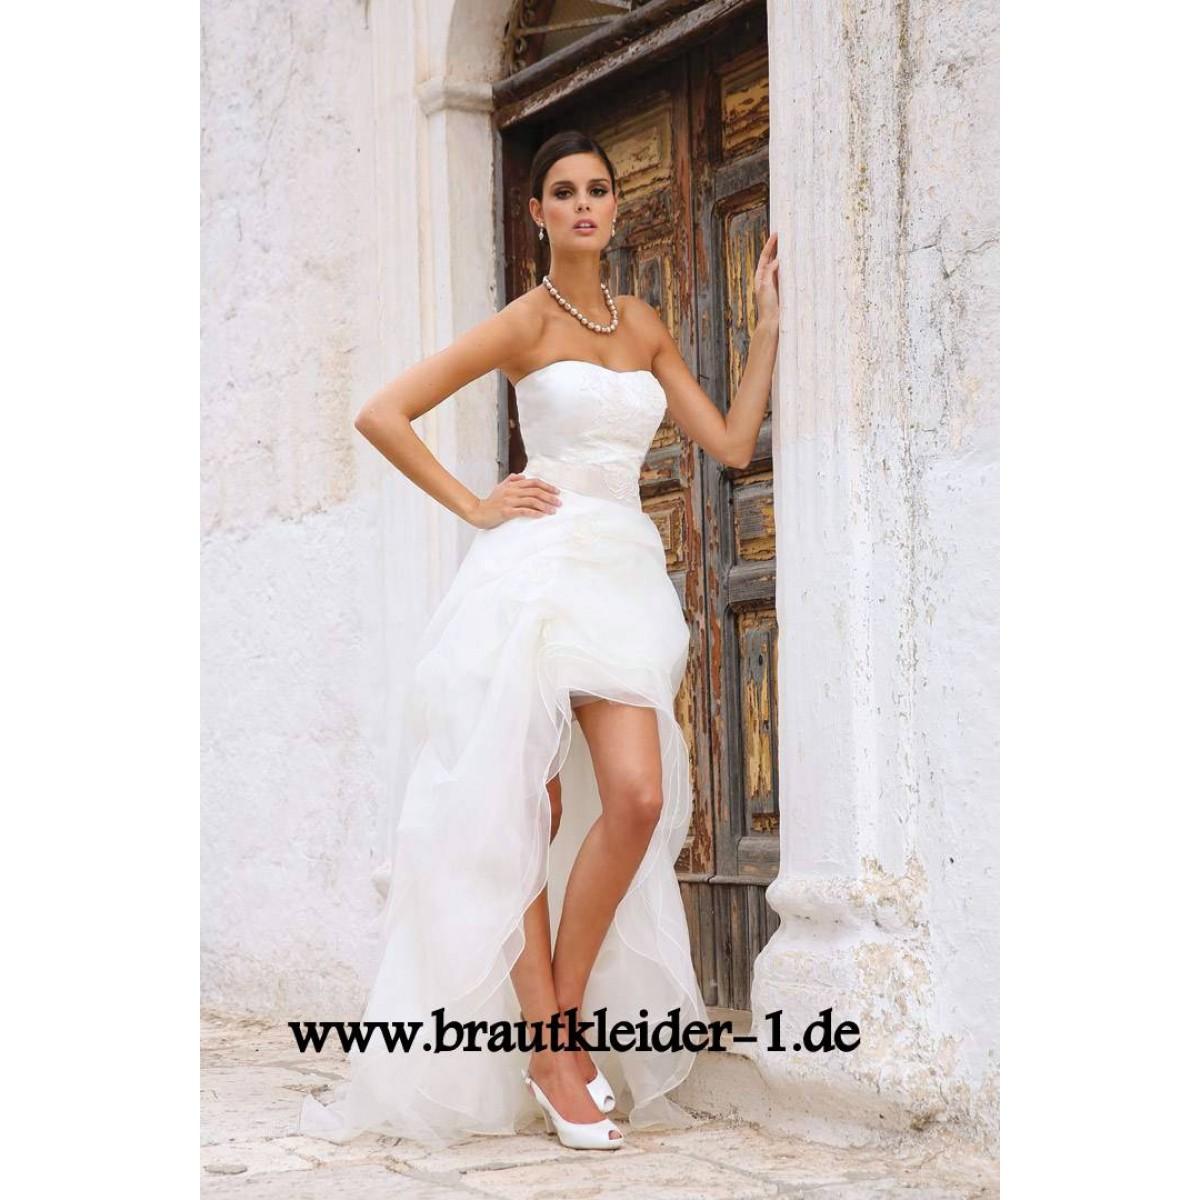 Modernes Vokuhila Brautkleid Vorne Kurz Hinten Lang auf Rechnung